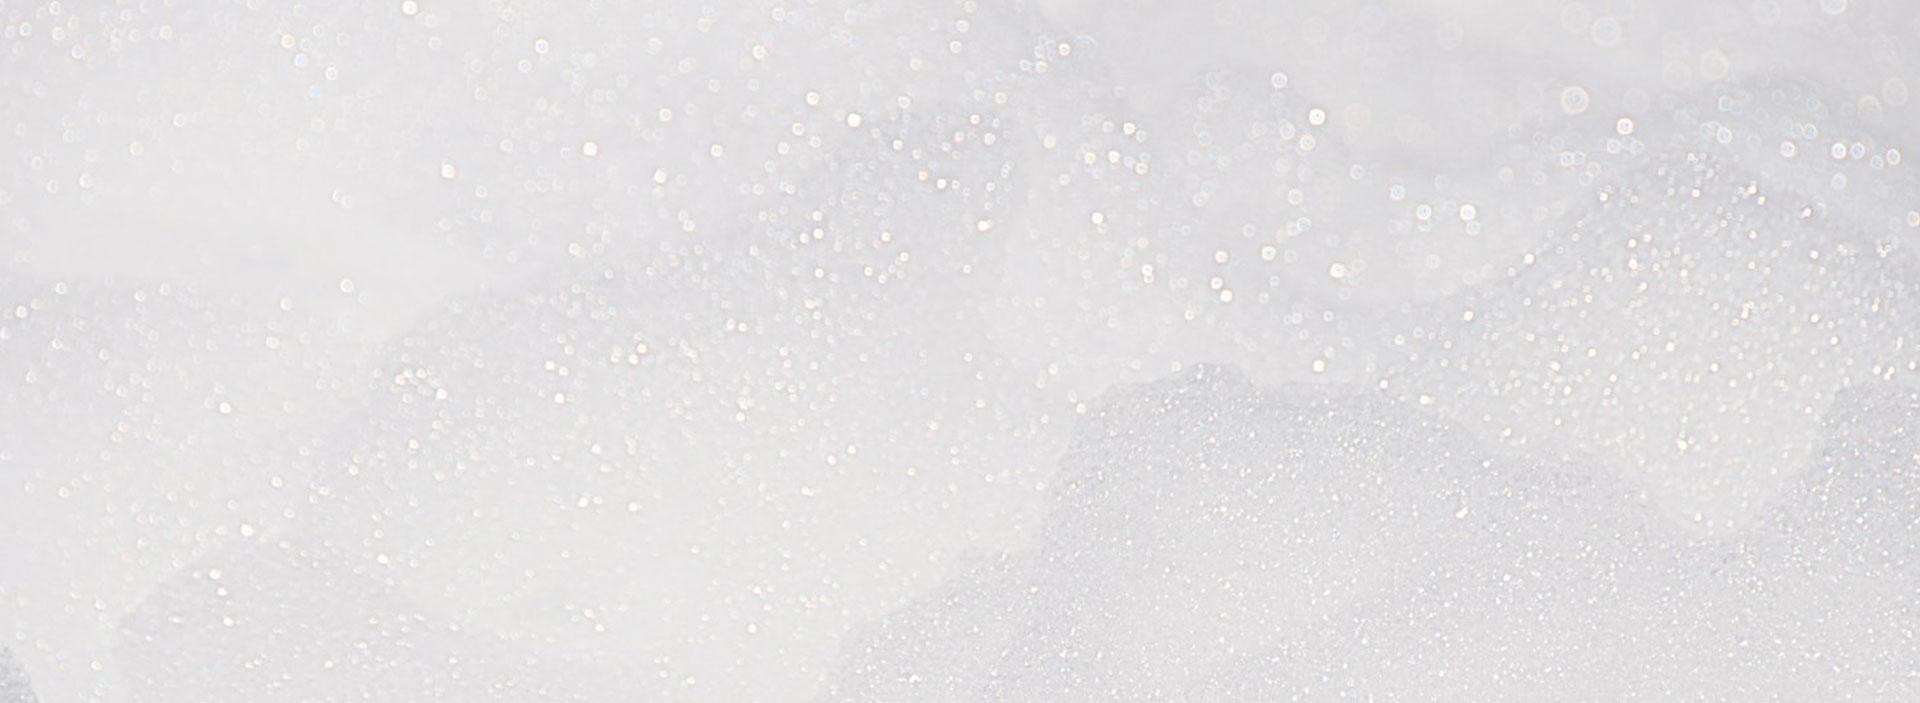 Mousse Foam Sprayer